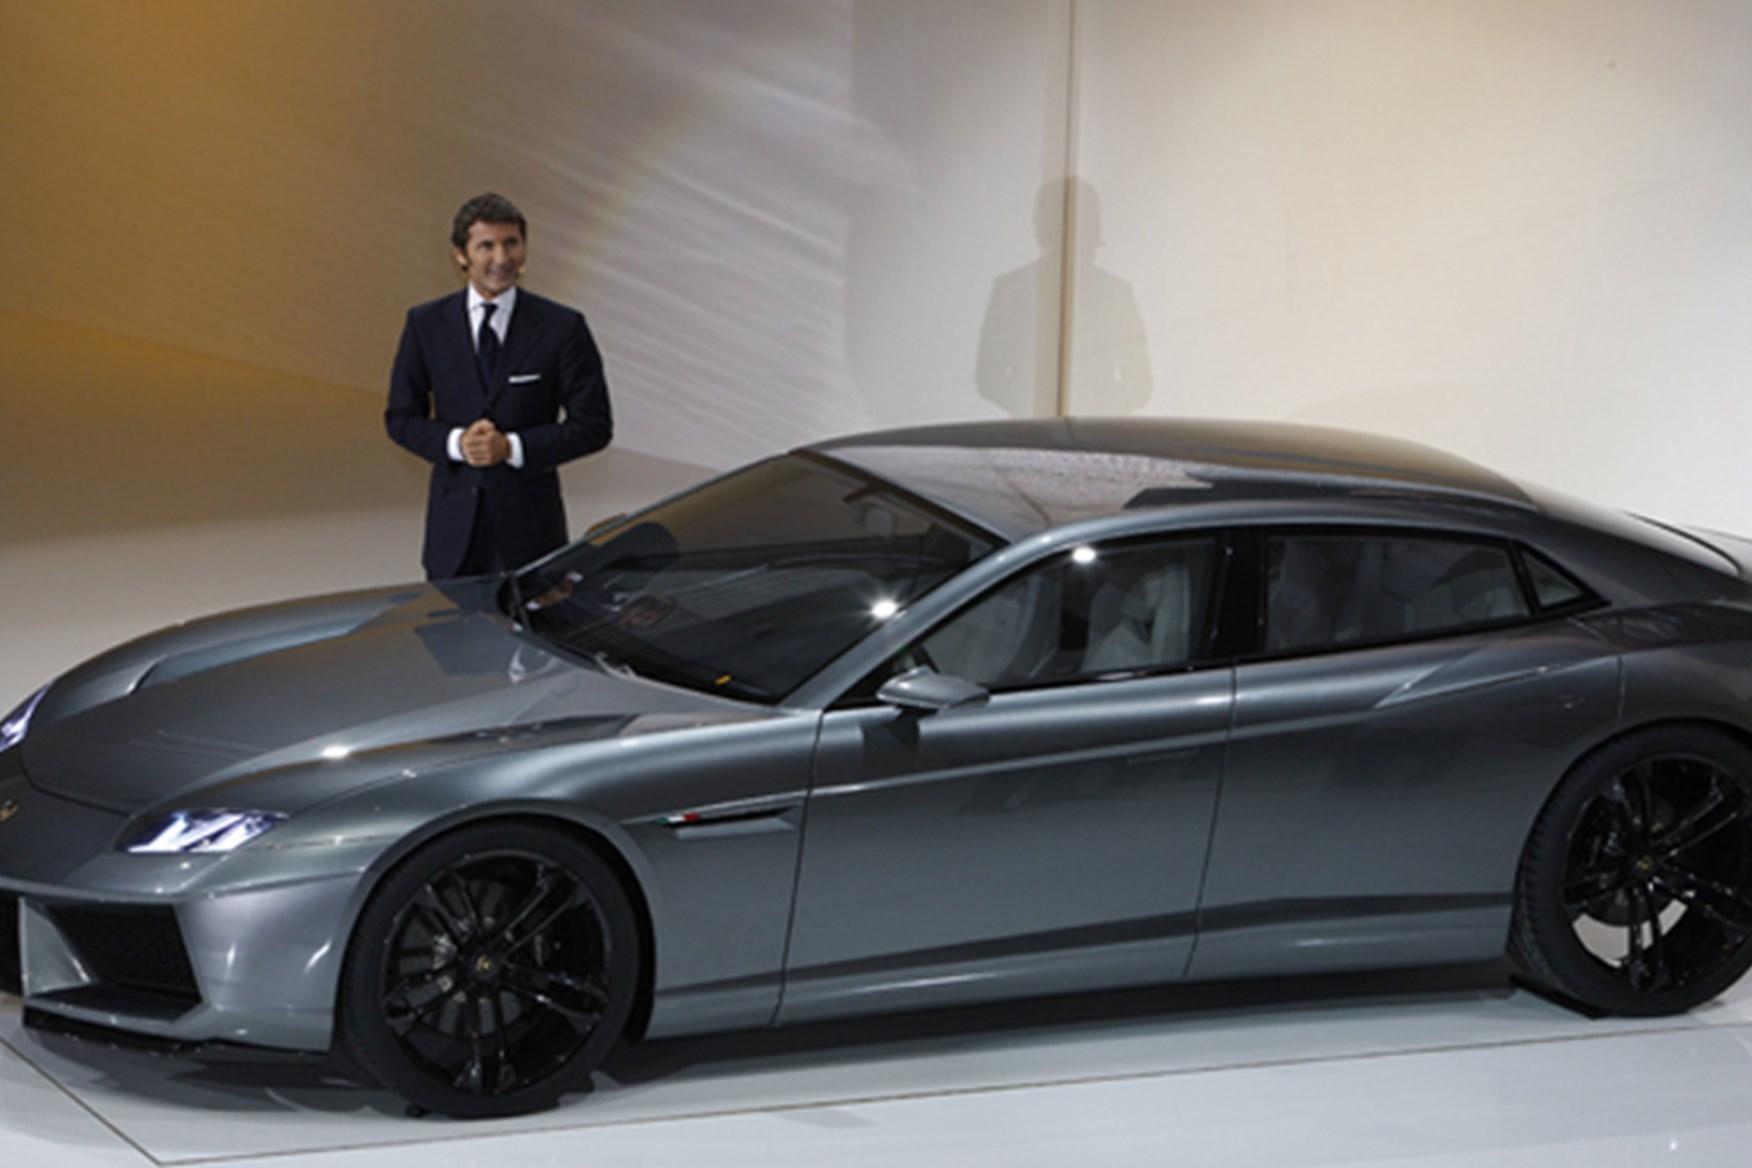 ... Lamborghini Estoque At The Paris Motor Show